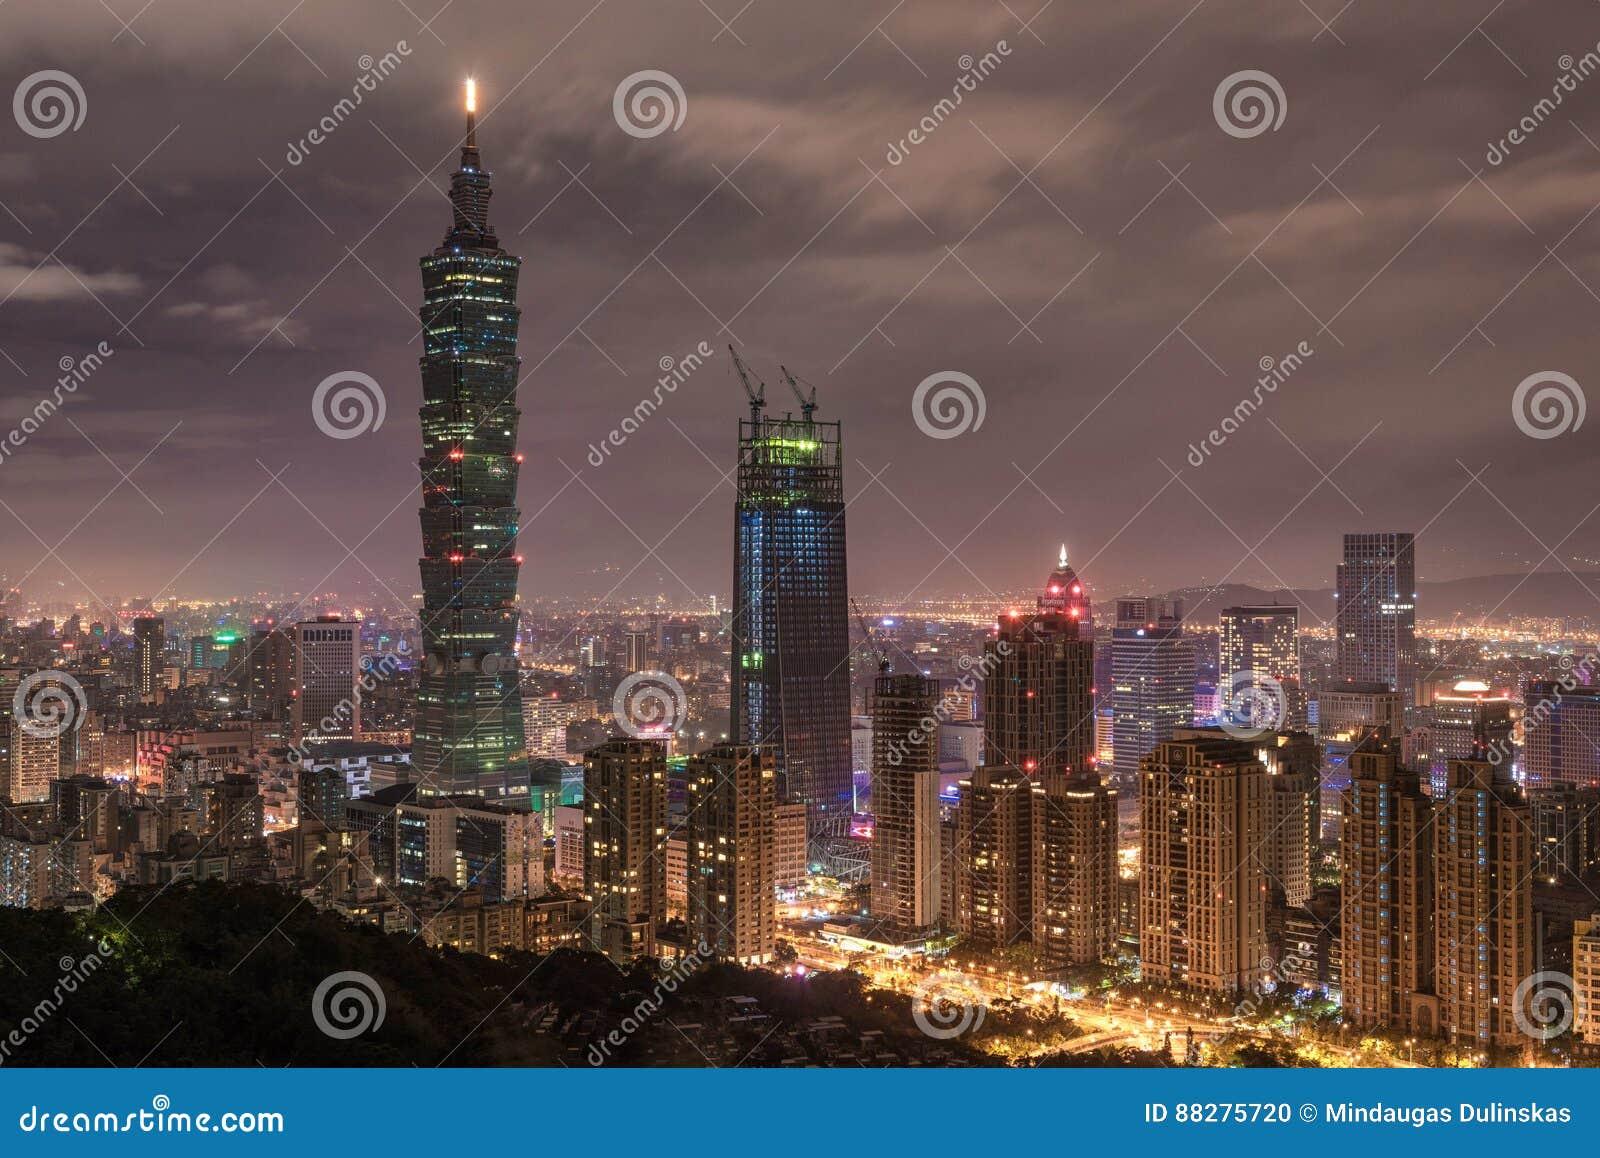 TAIPEI, TAIWAN - NOVEMBER 29, 2016: Taipei, Taiwan. Night Panorama. Skyline. Cityscape. Taipei 101 Taipei World Financial Center i